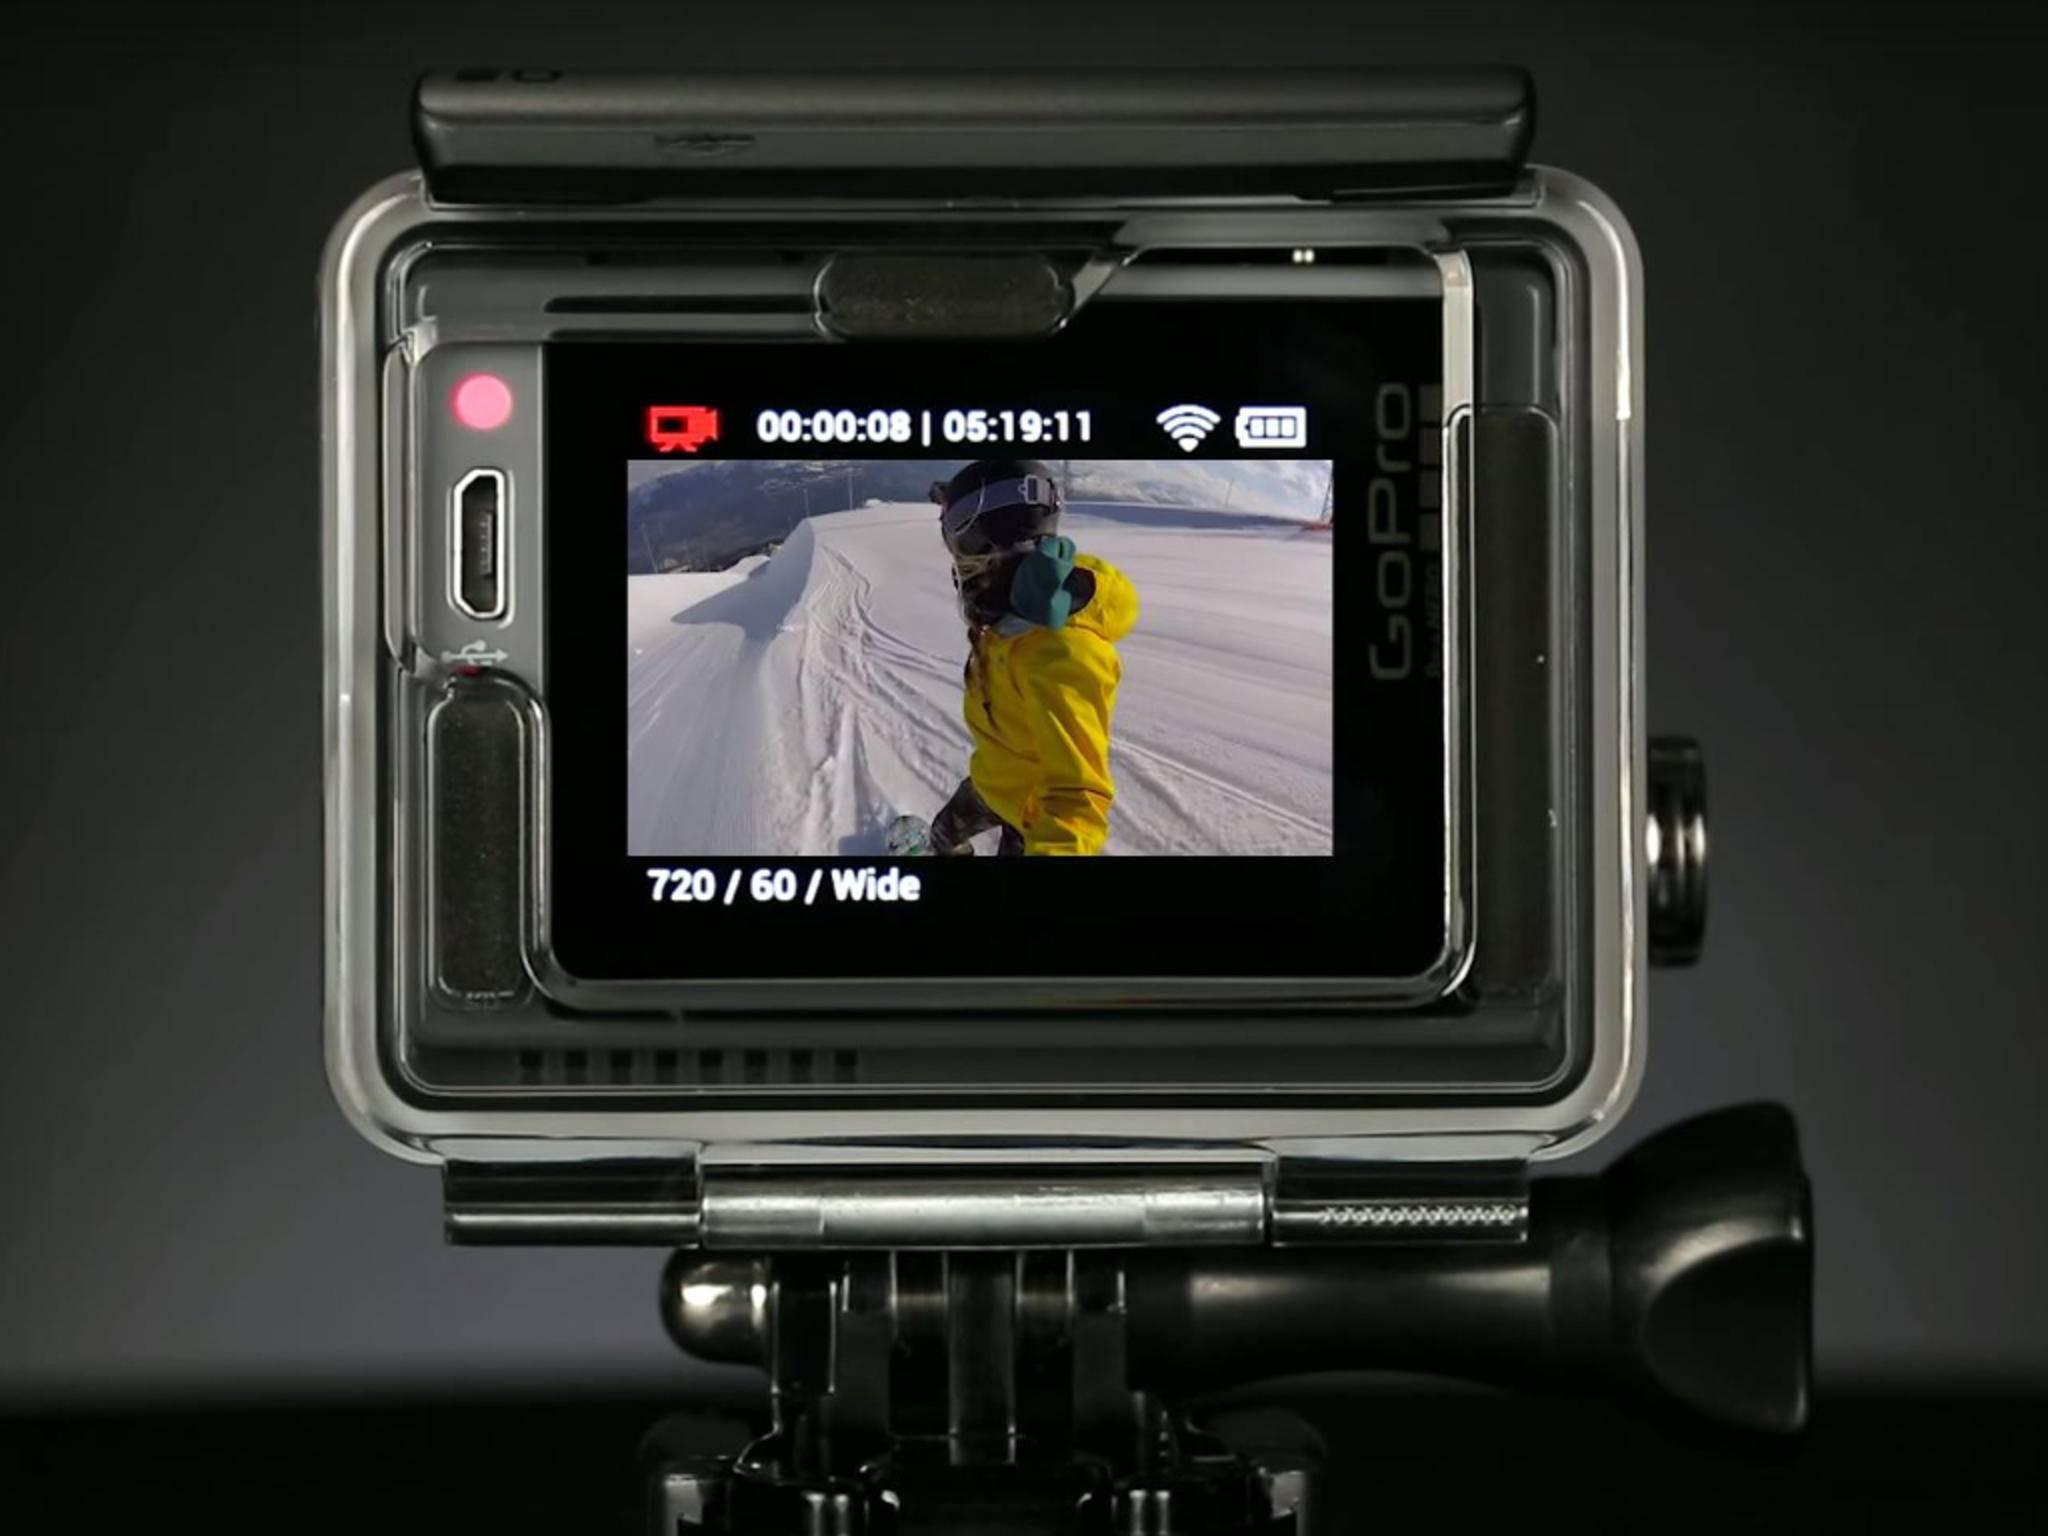 Die GoPro Hero+ LCD besitzt serienmäßig ein Touch-Display.